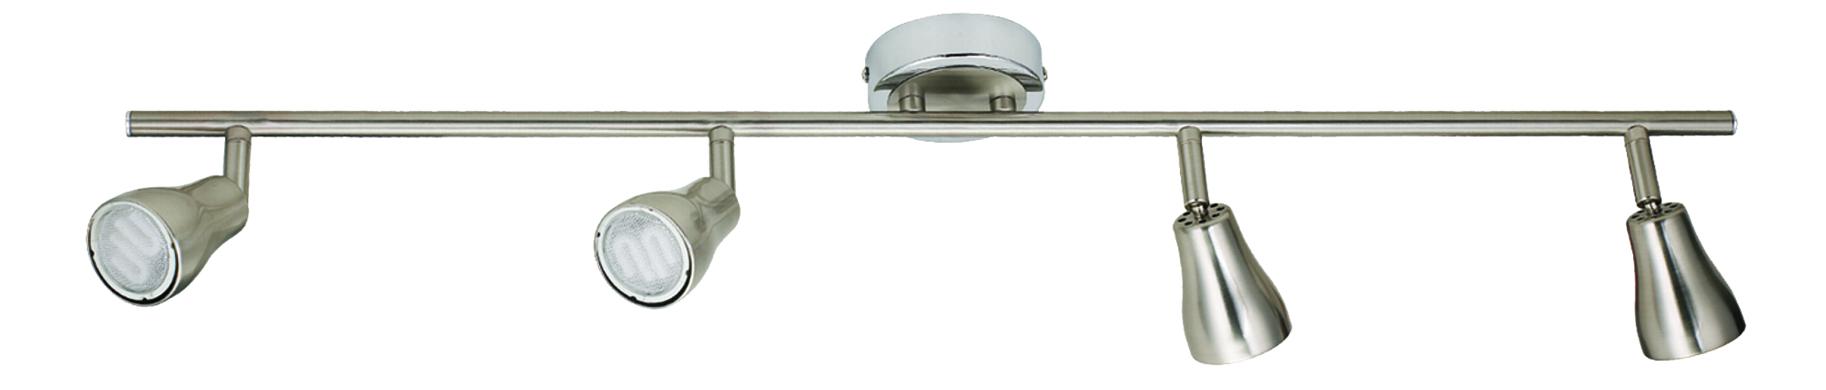 Lampa Jawa Listwa 4X7W Gu10 Energo  Nikel Matt